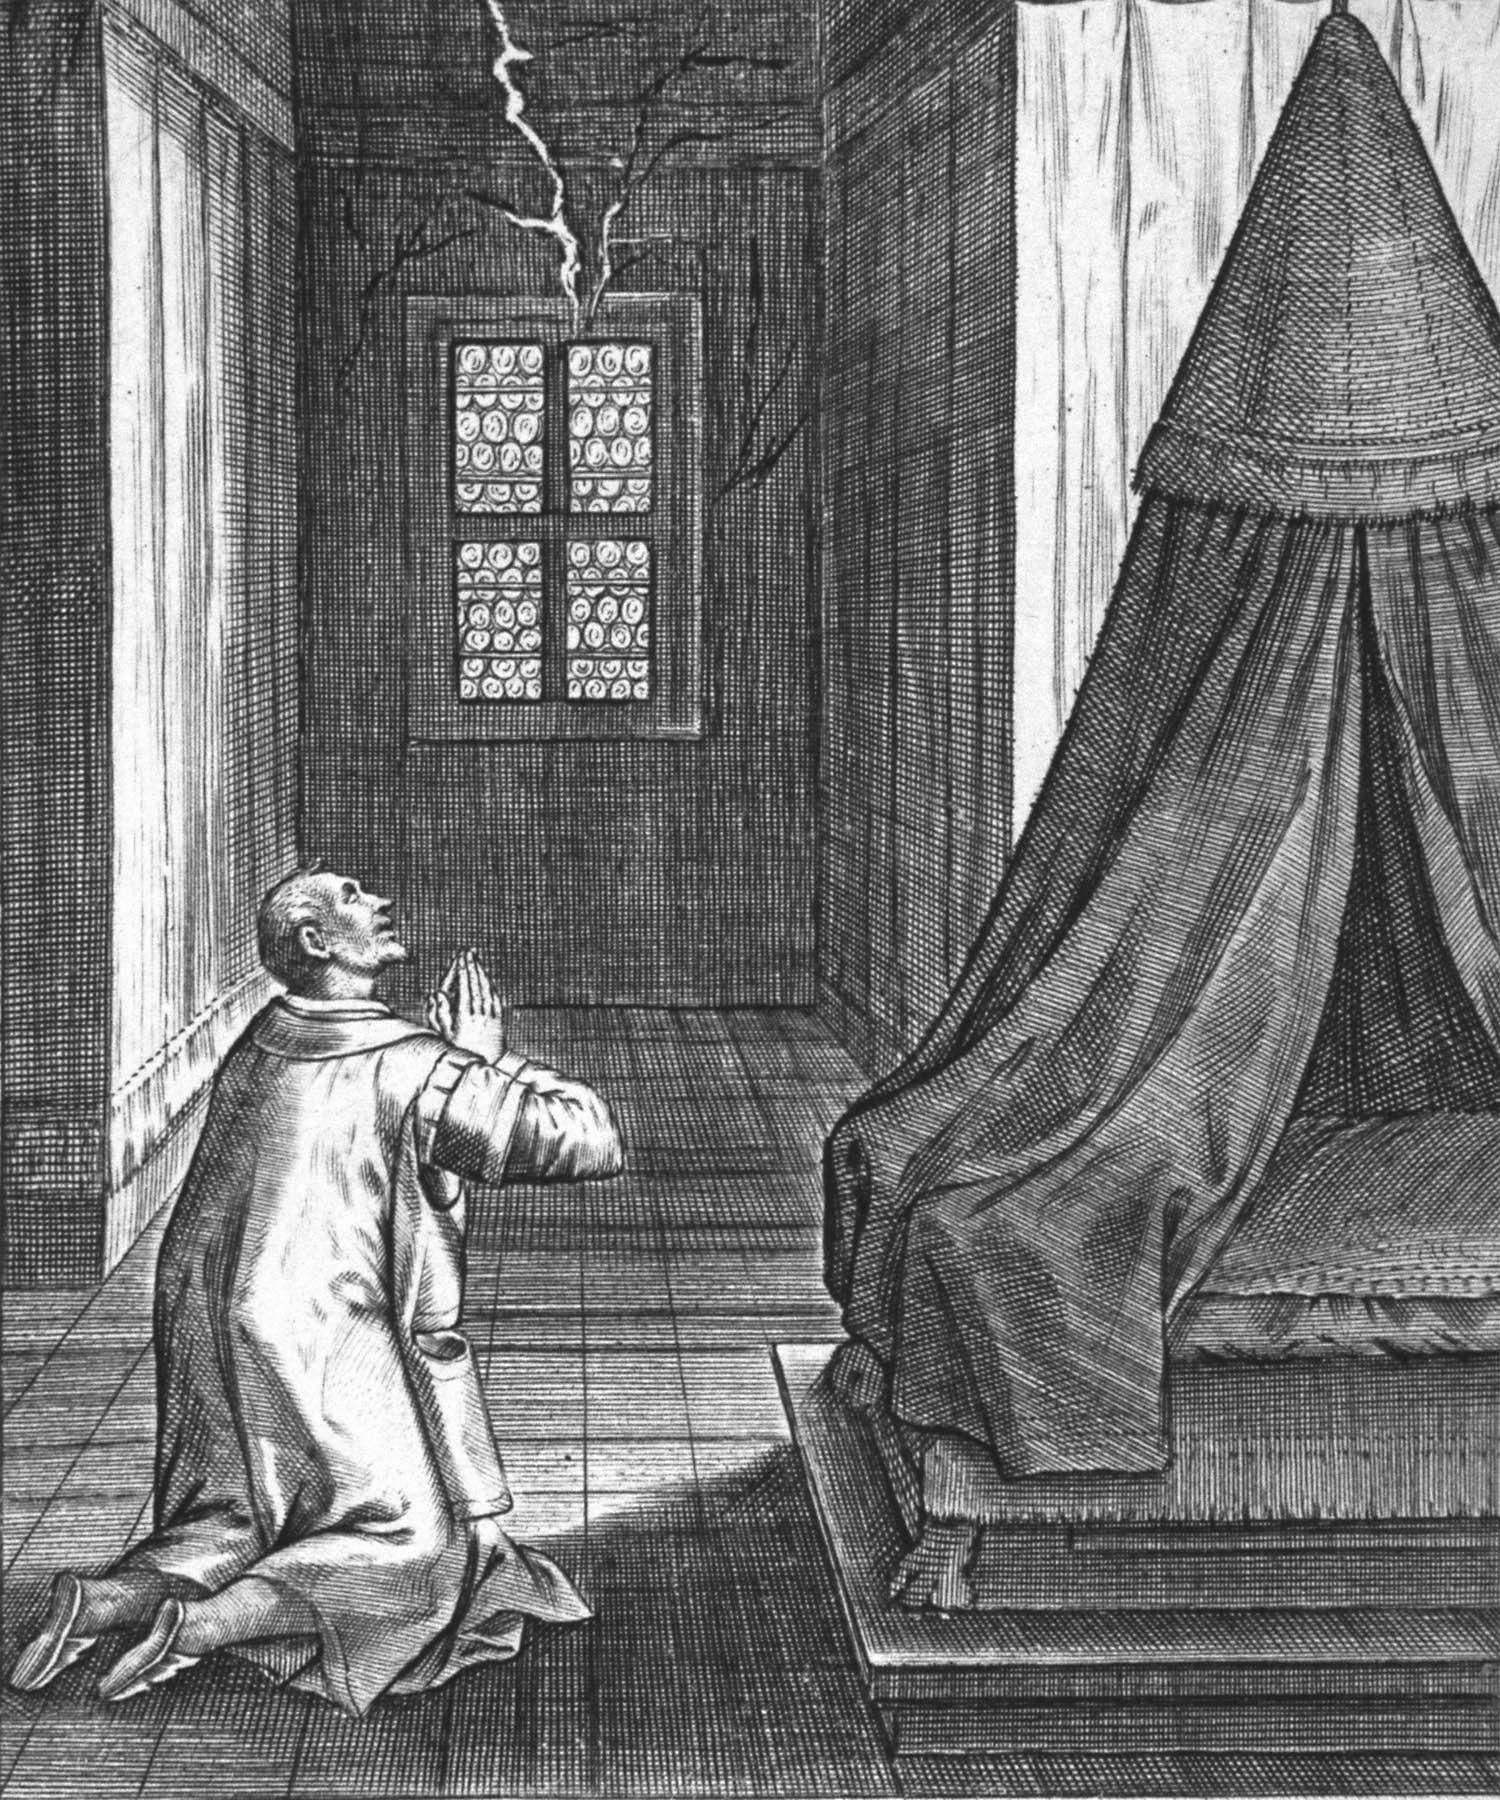 ignatius praying